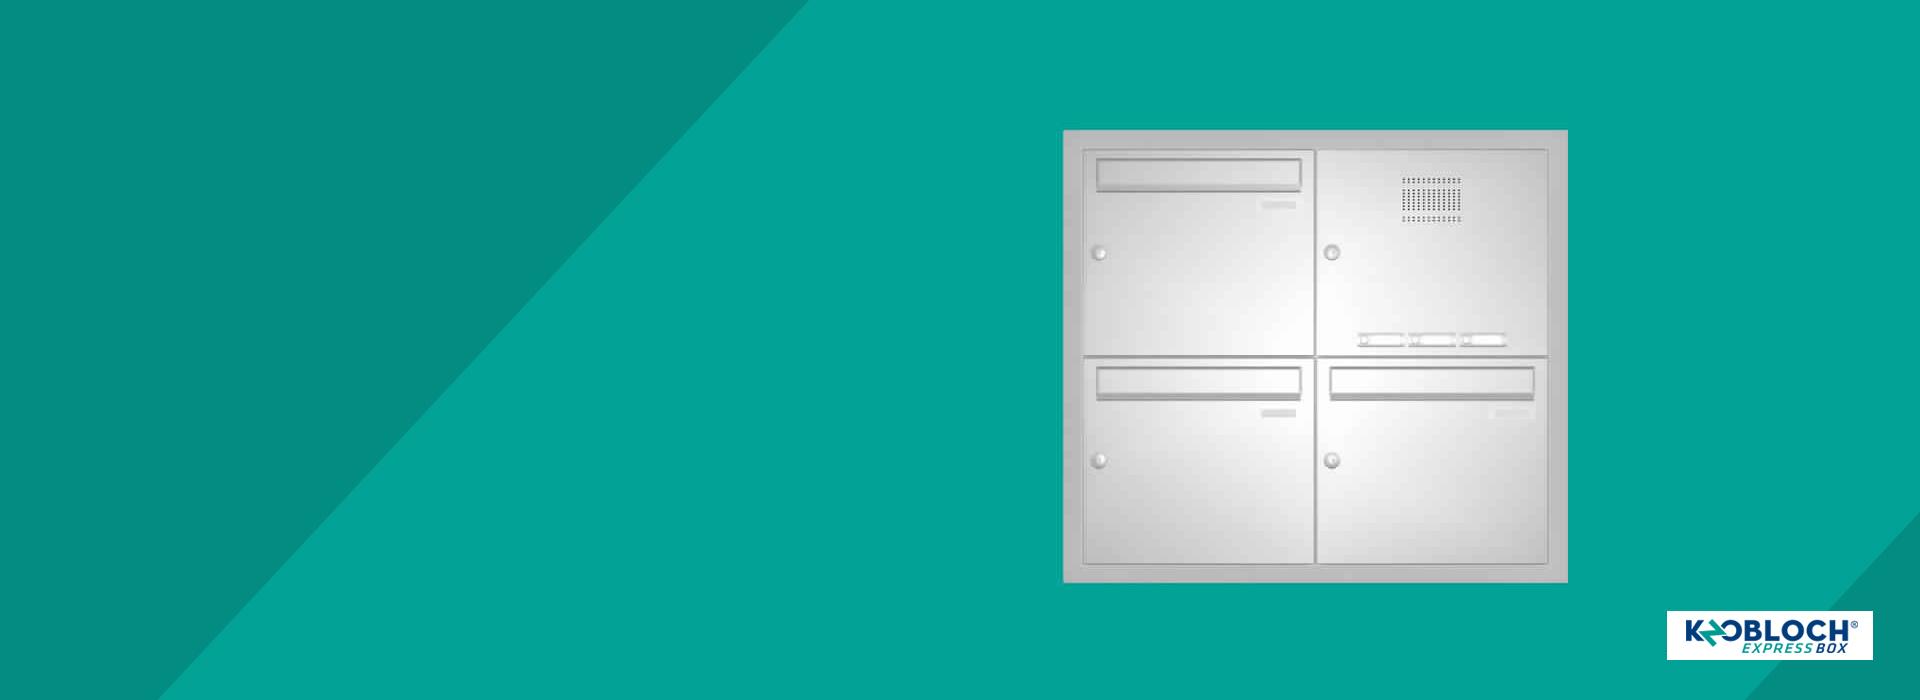 Schnell Schneller EXPRESS BOX Briefkastenanlagen